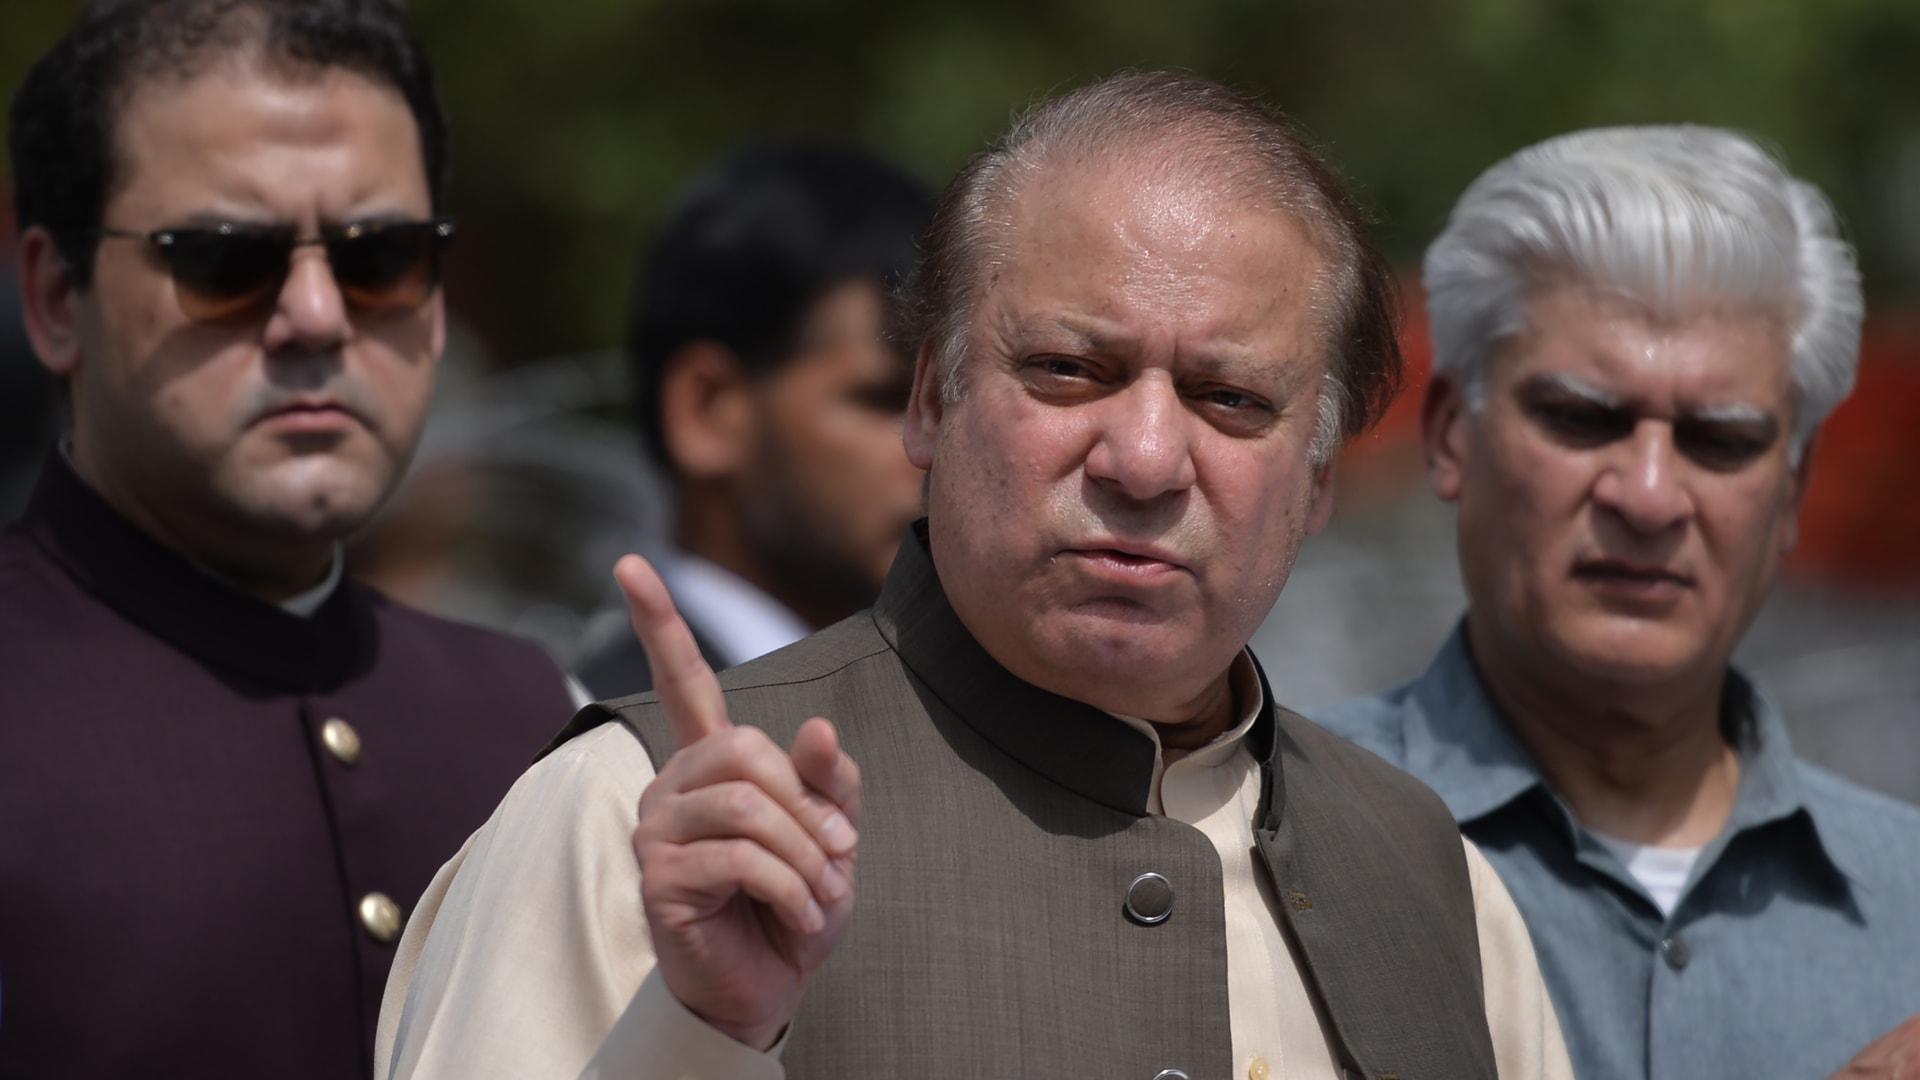 الحكم على رئيس وزراء باكستان السابق بالسجن لـ10 أعوام